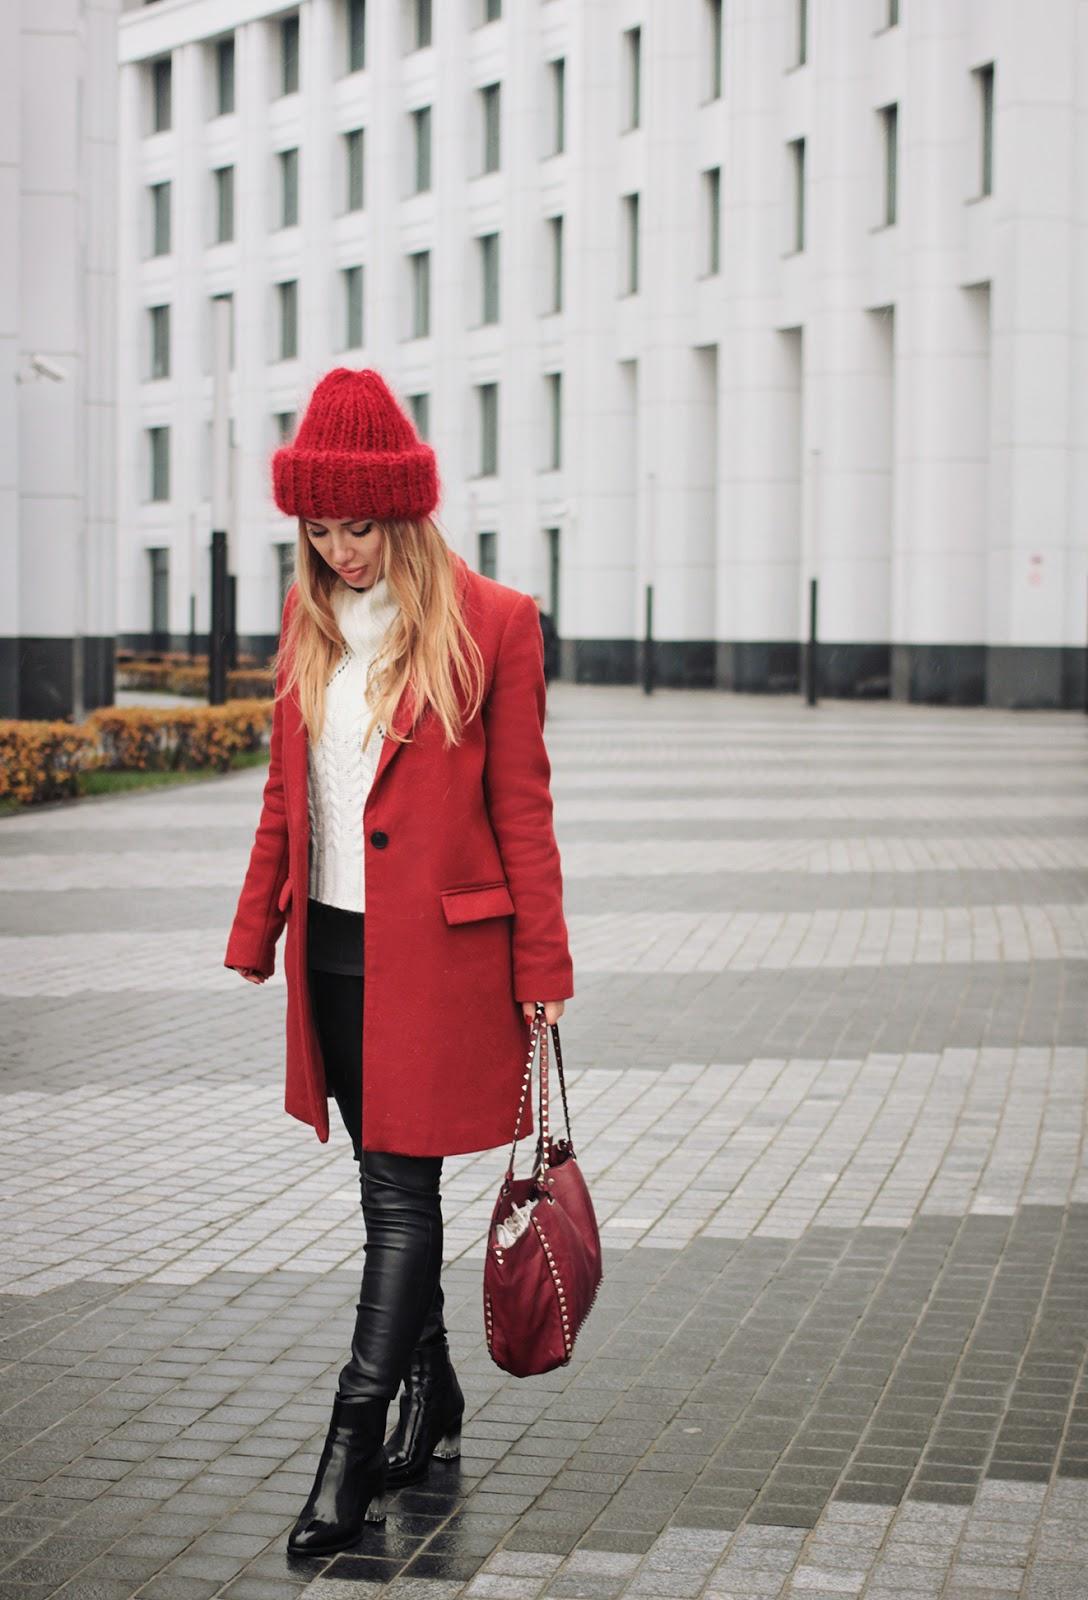 модные блоггеры зима 2016, модный блог, блоггер 2016, модные советы от блоггеров зима 2016 2017